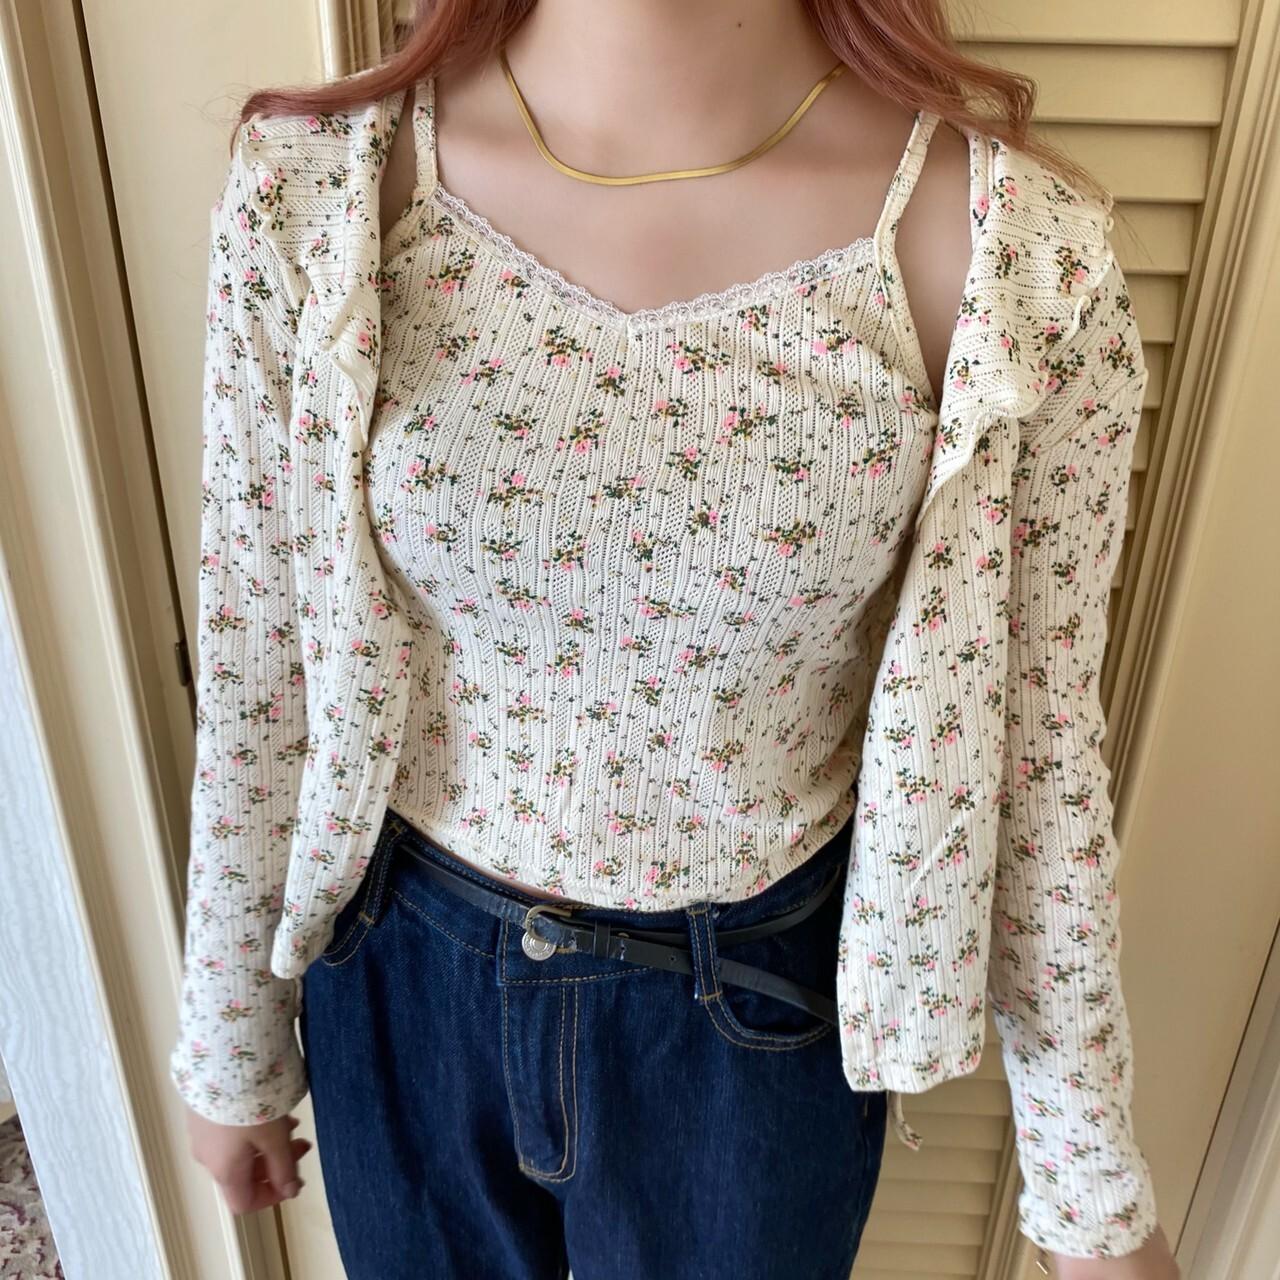 【ももはな】flower cami set cardigan